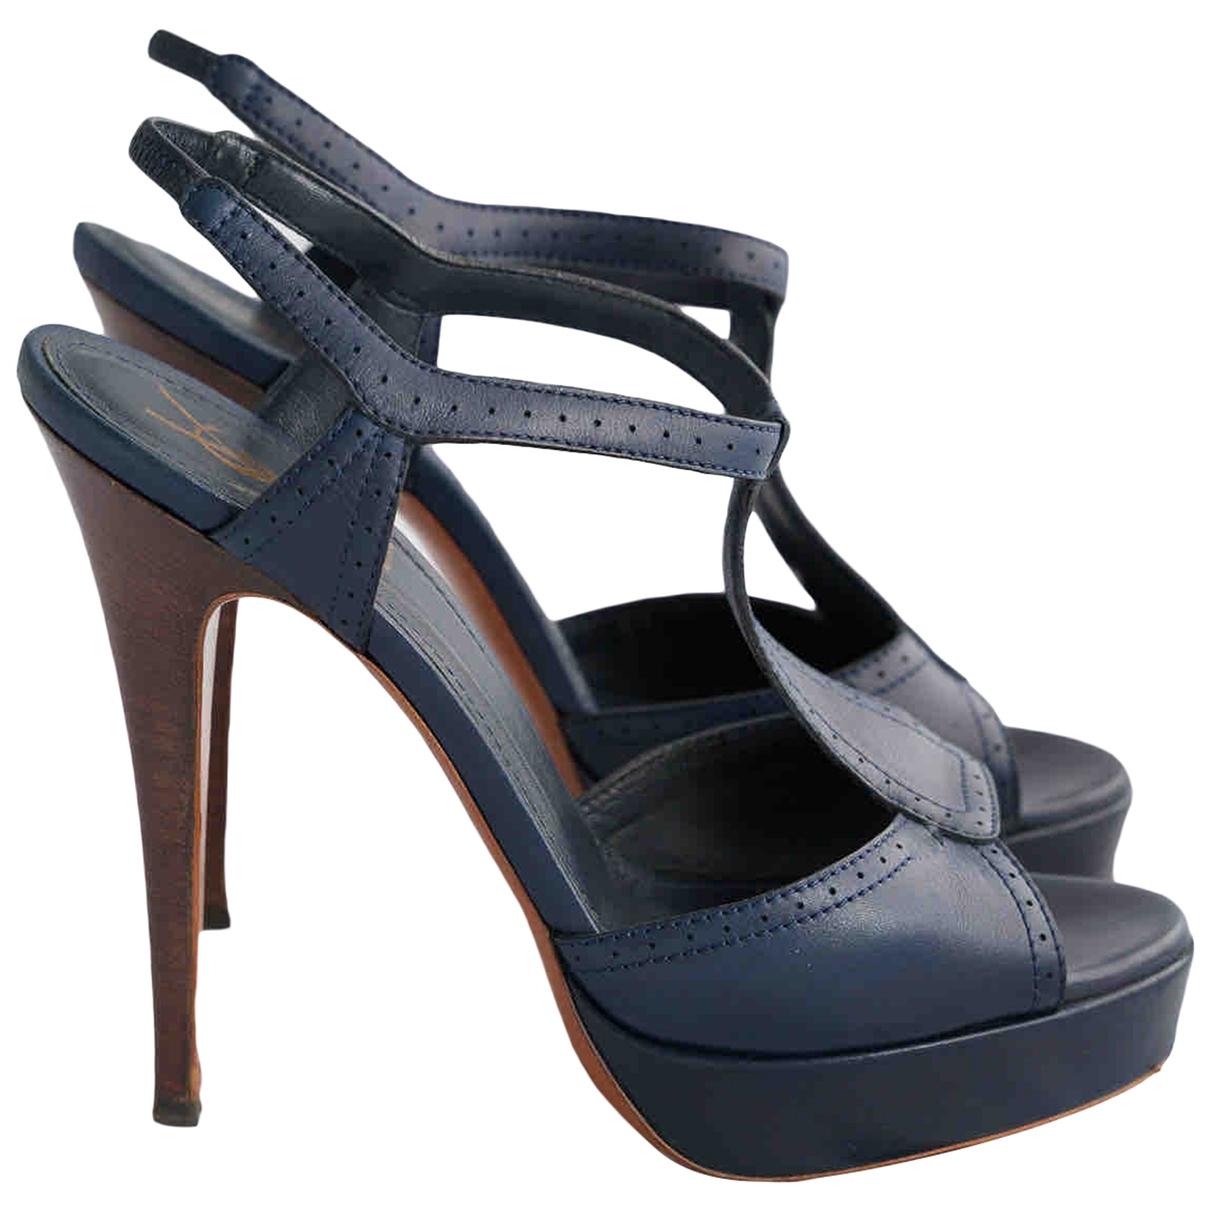 Yves Saint Laurent - Sandales   pour femme en cuir - bleu